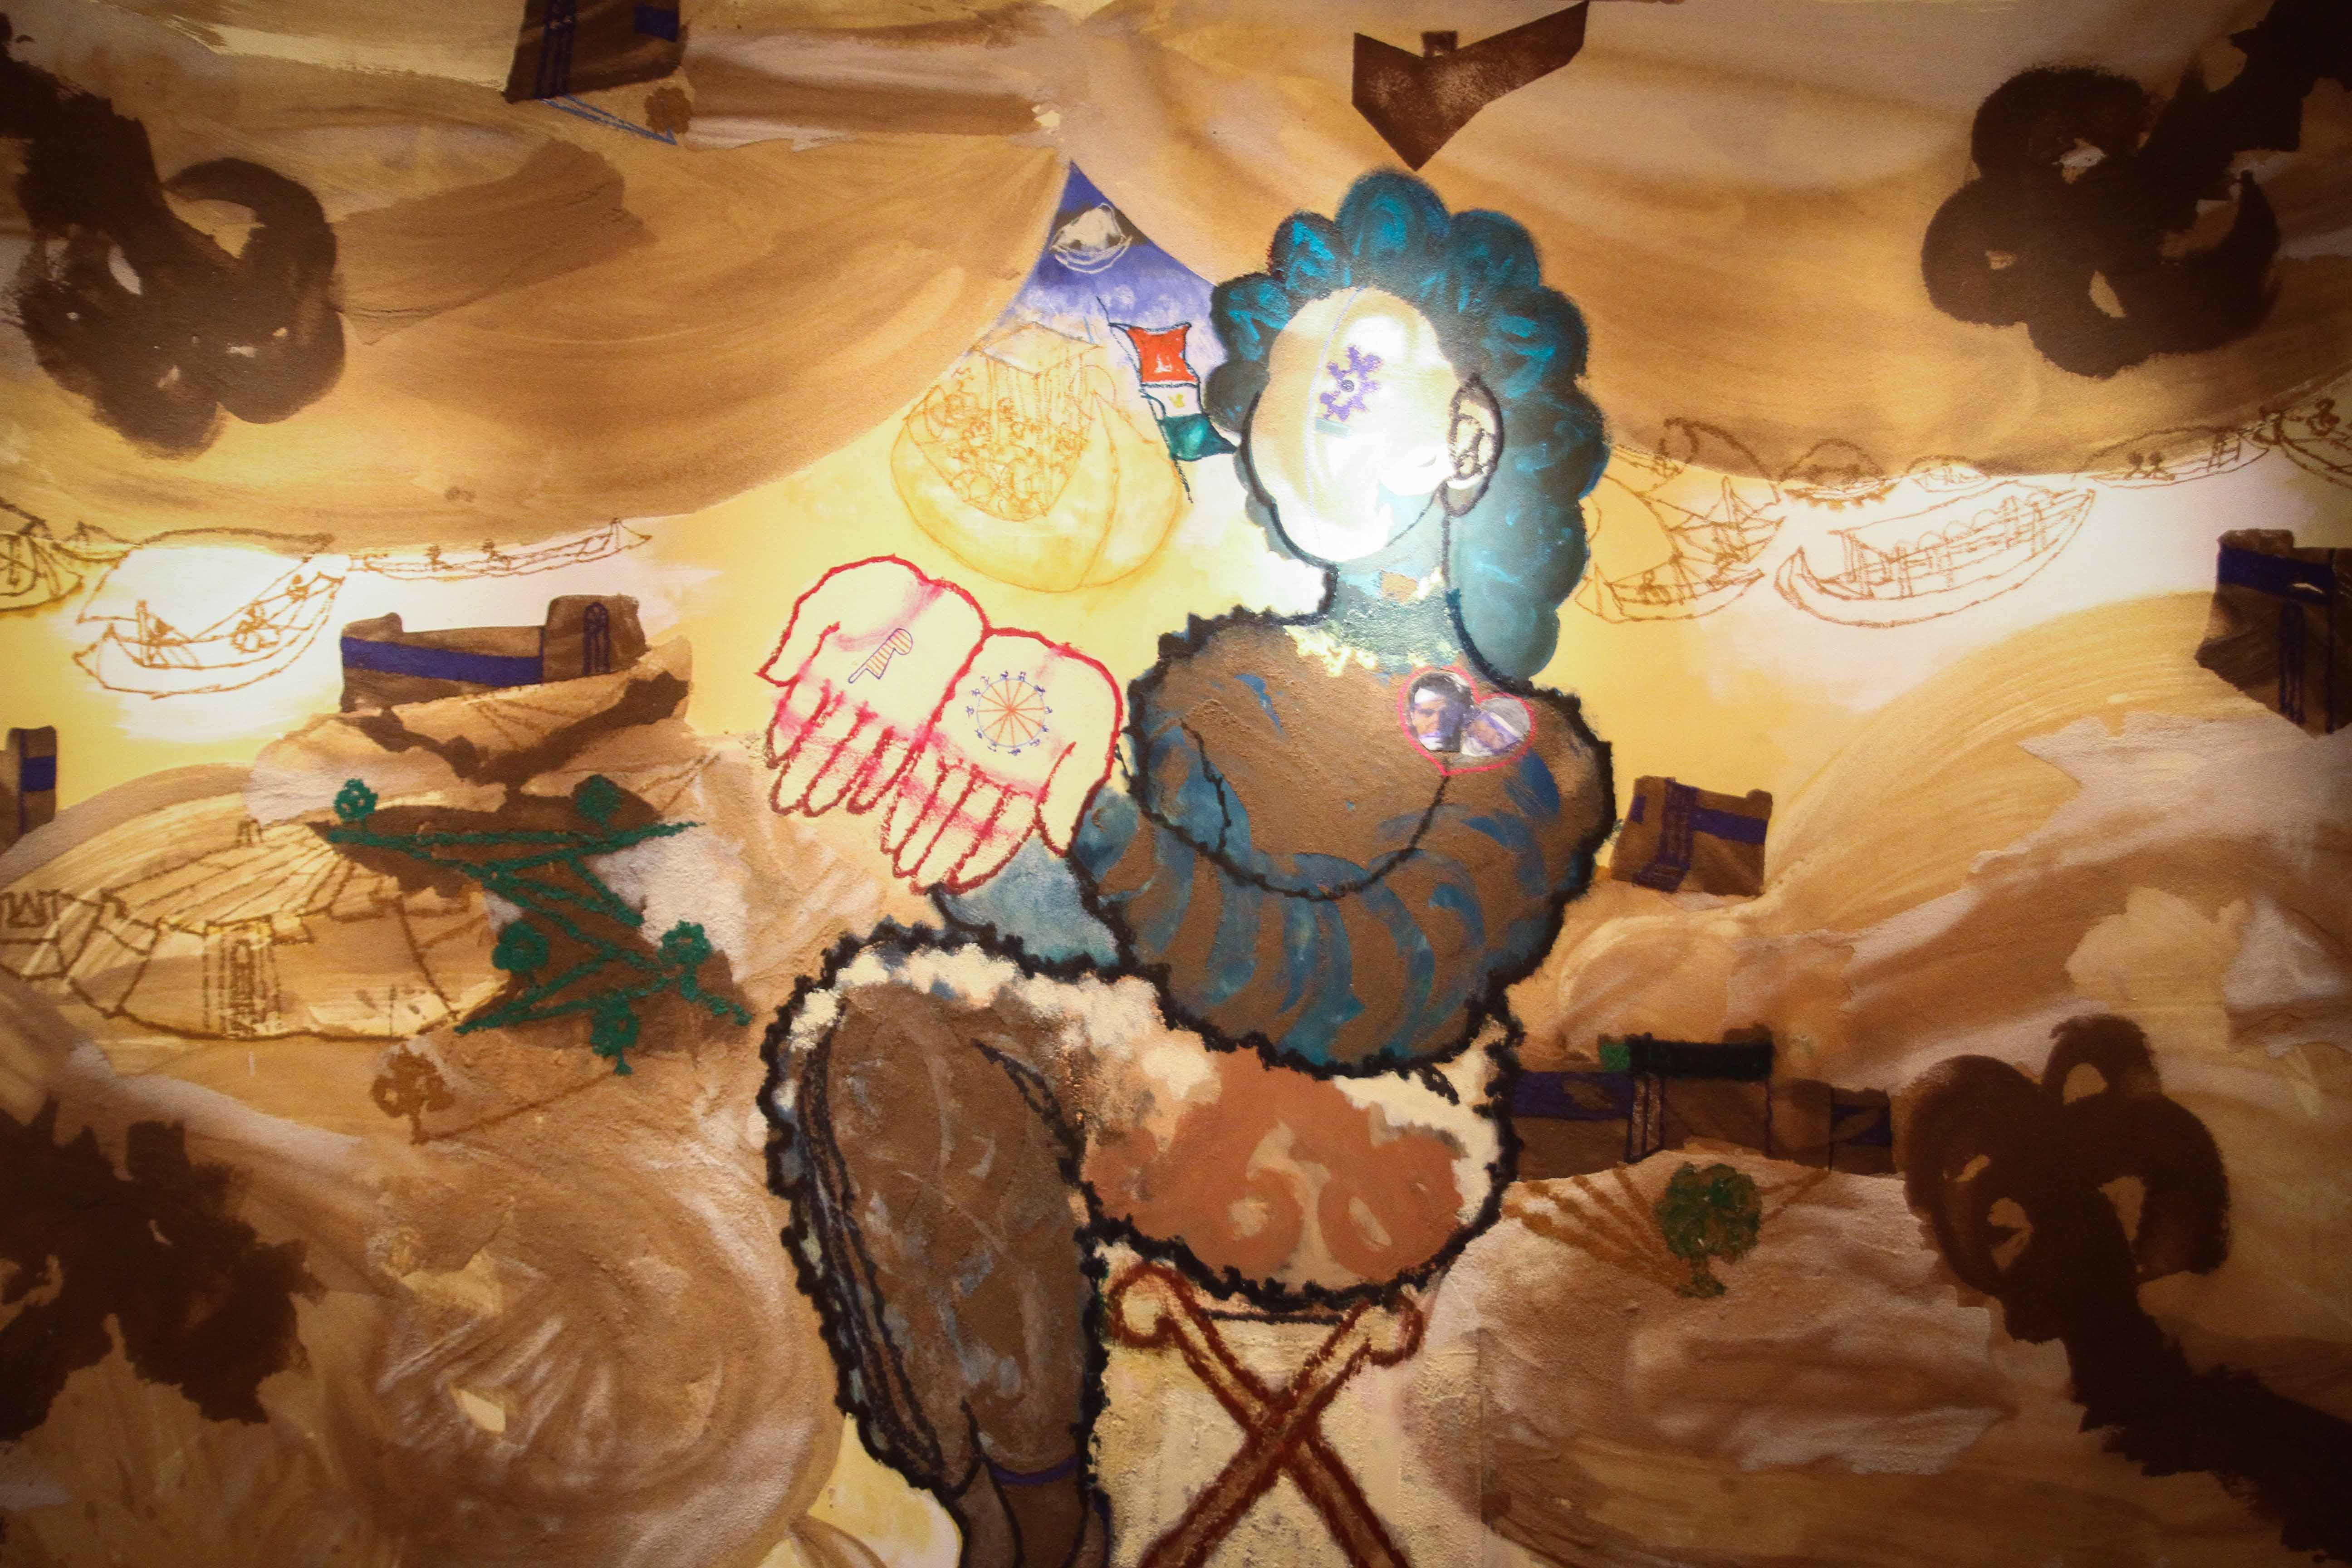 معرض مصر ستعاود العطاء للفنان فرغى عبد الحفيظ (7)